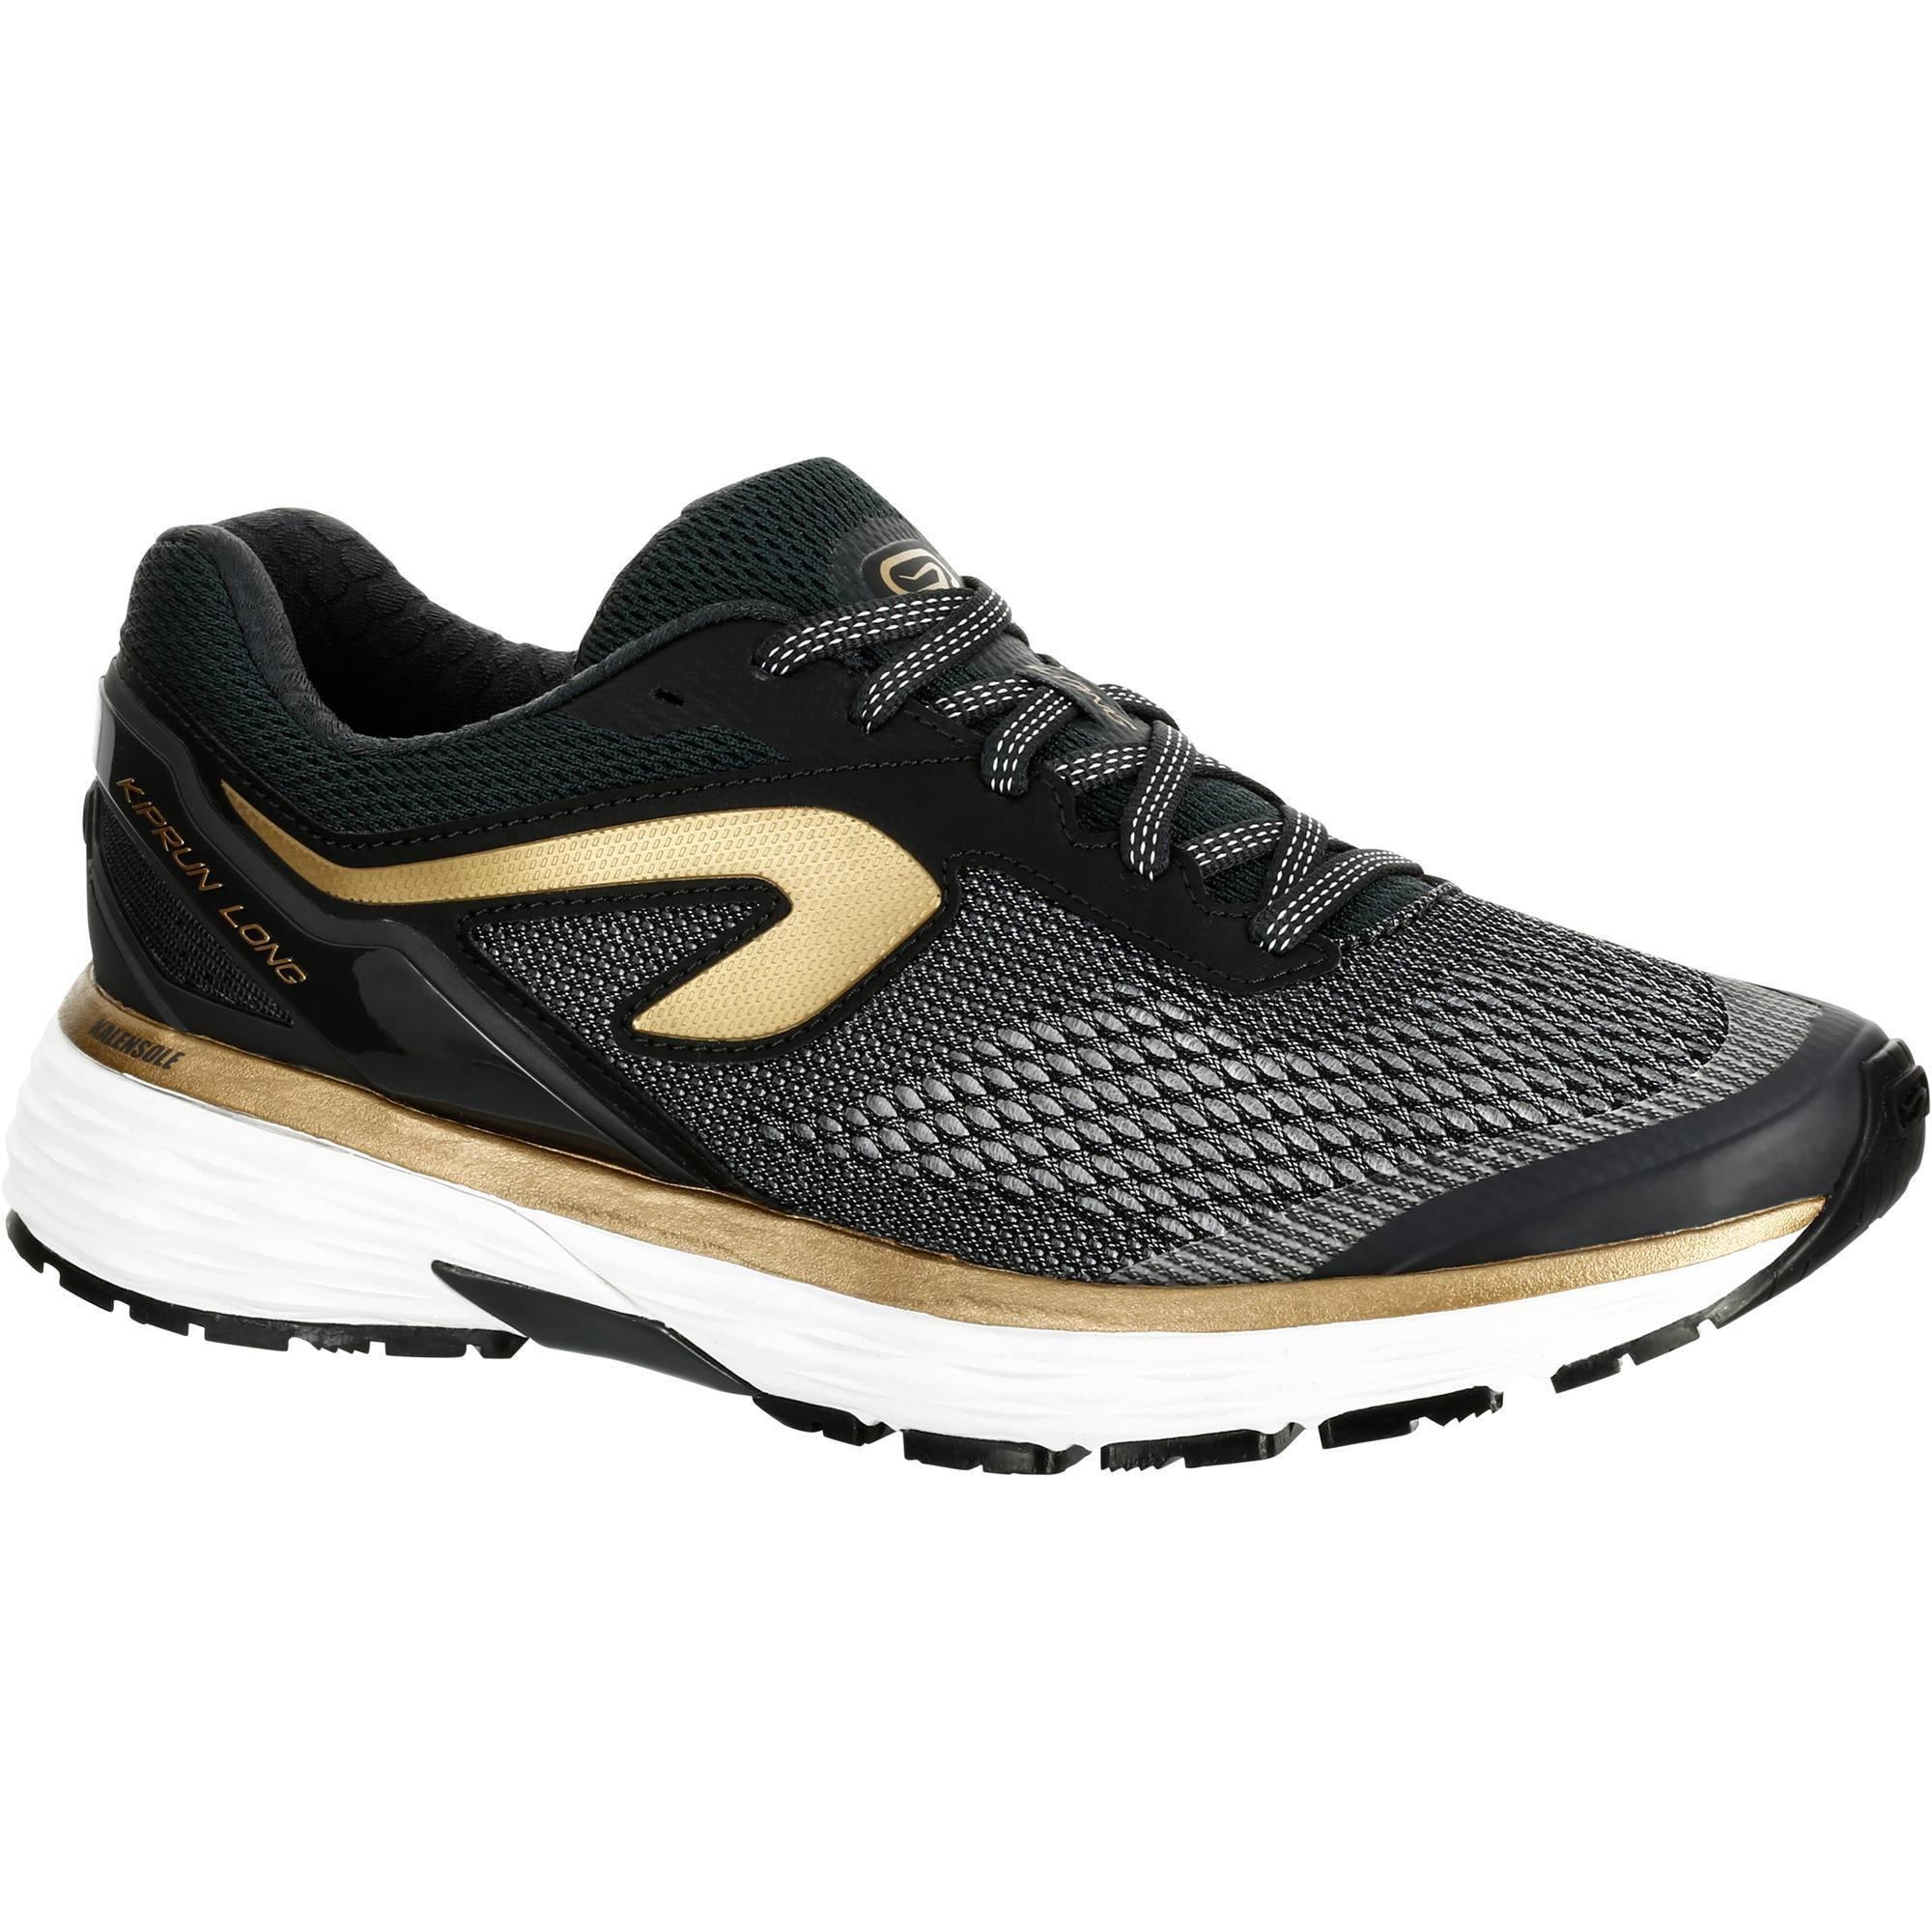 Chaussure running homme classement